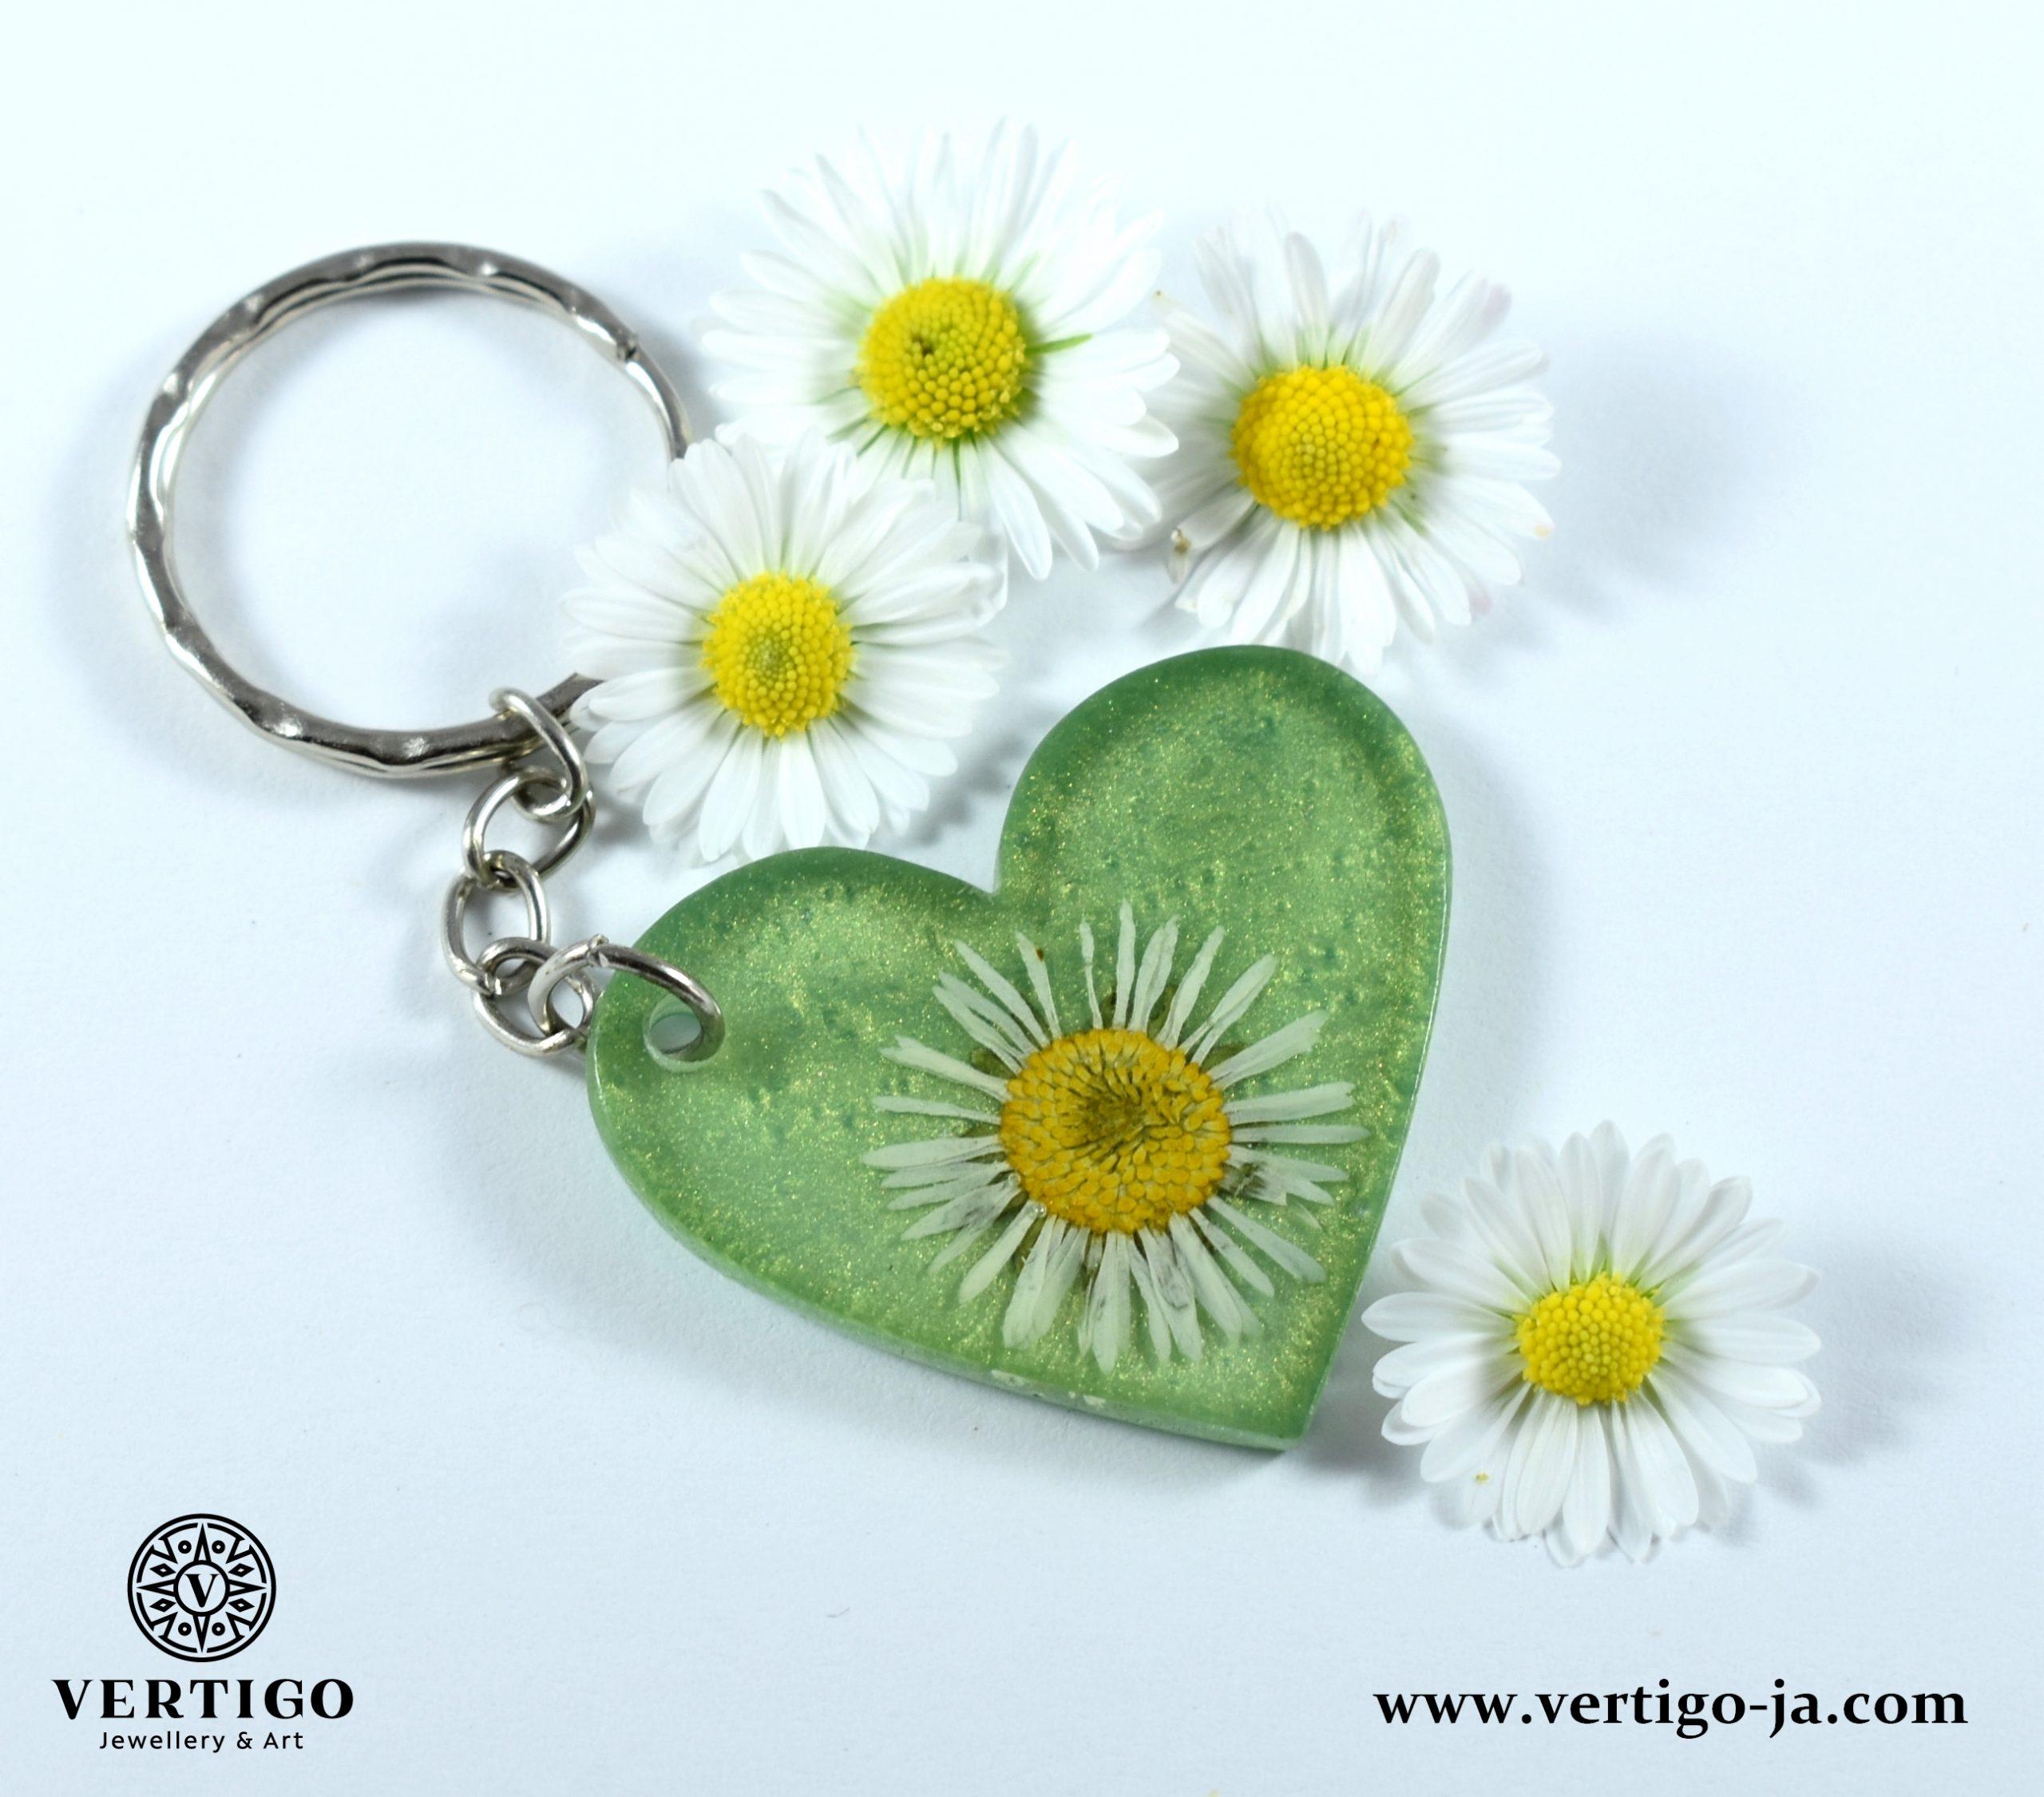 brelok-do-kluczy-zielone-serce-z-perlowej-i-transparentnej-zywicy-ze-stokrotka-tlo-ze-stokrotkami